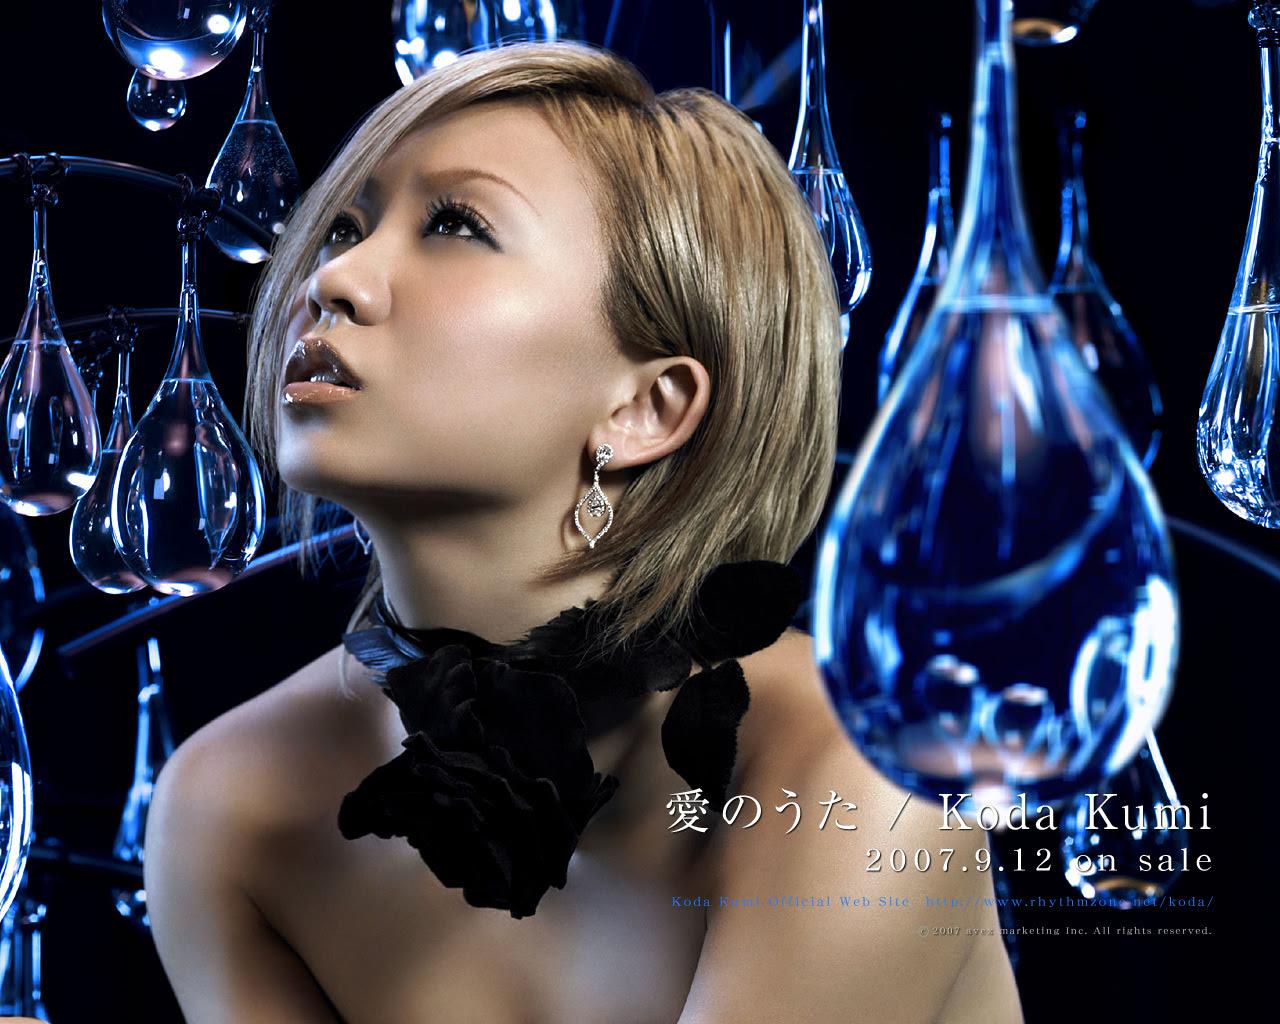 Koda Kumi Koda Kumi Wallpaper 20865670 Fanpop